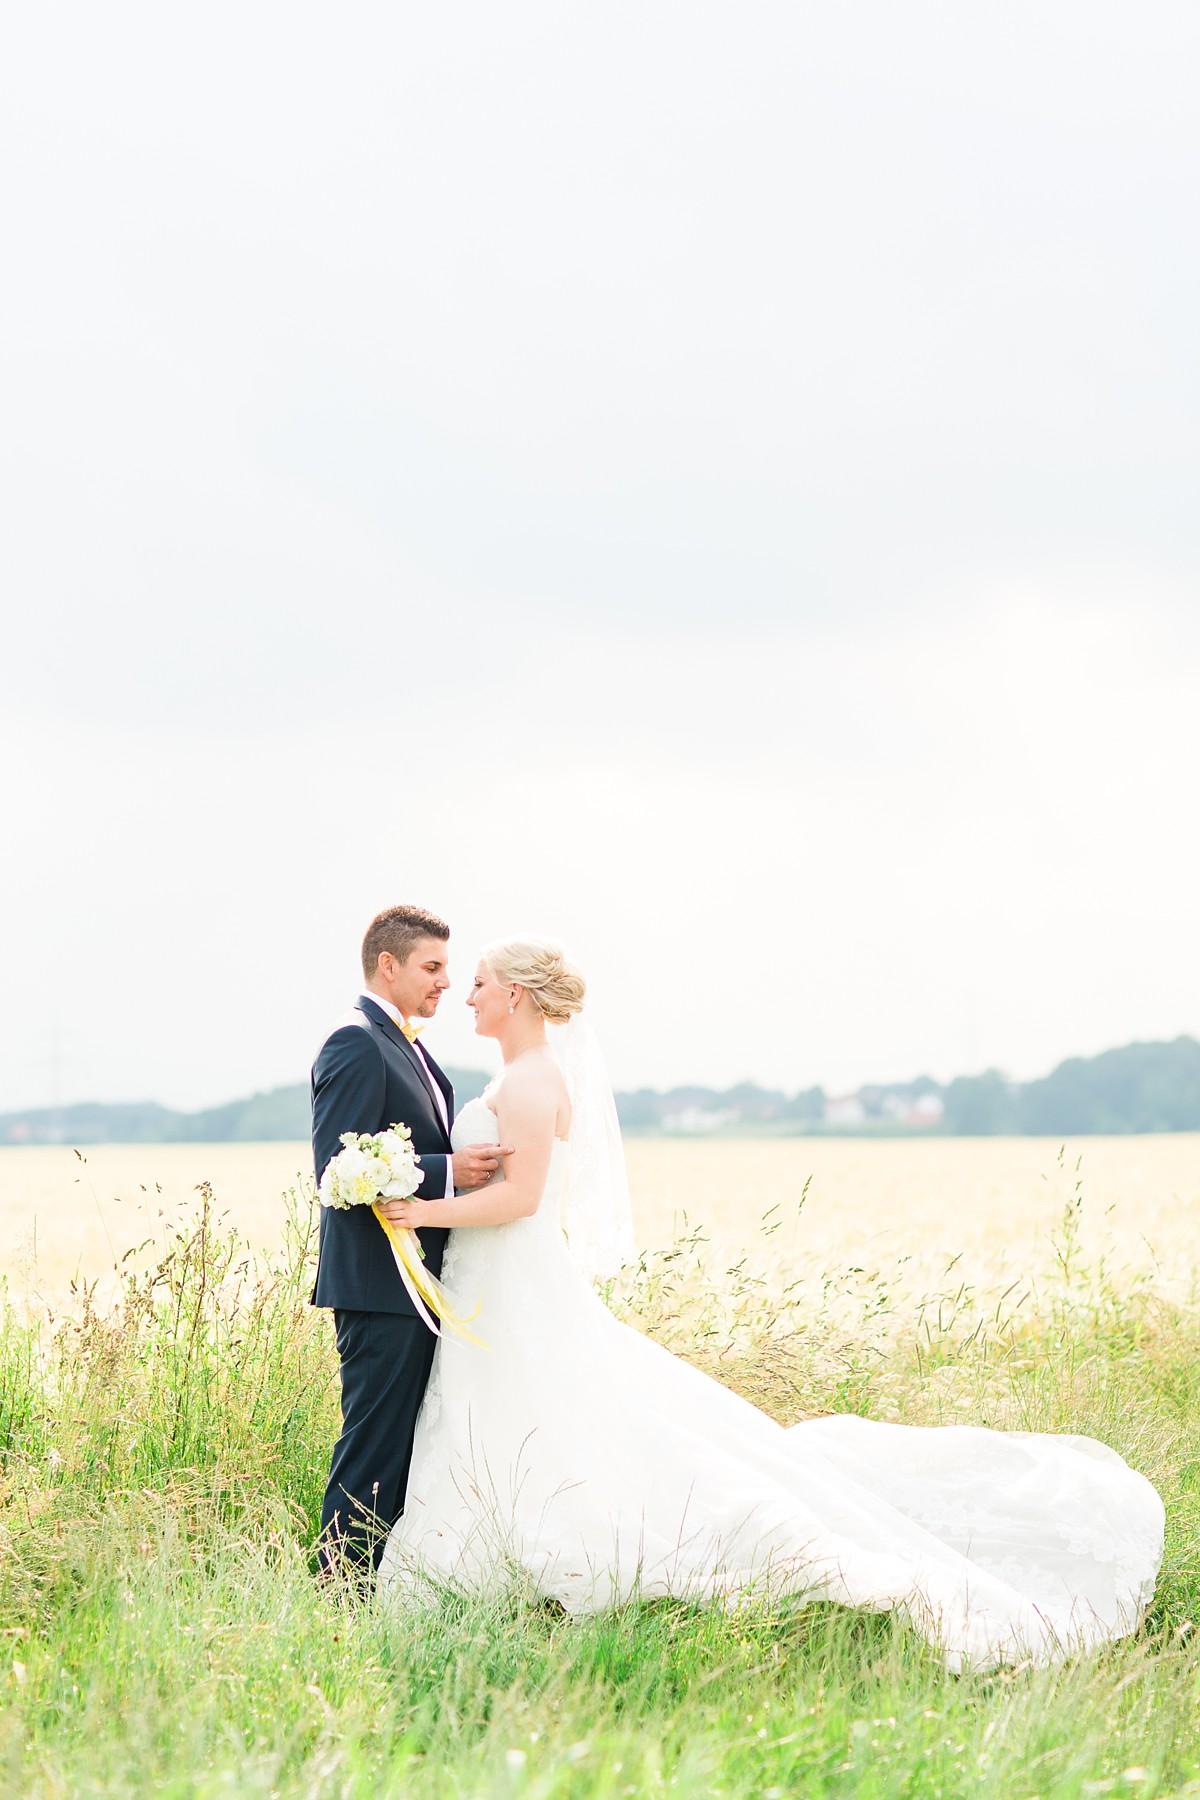 Hochzeitsfotograf-Bielefeld-Herford-2016-06_0265